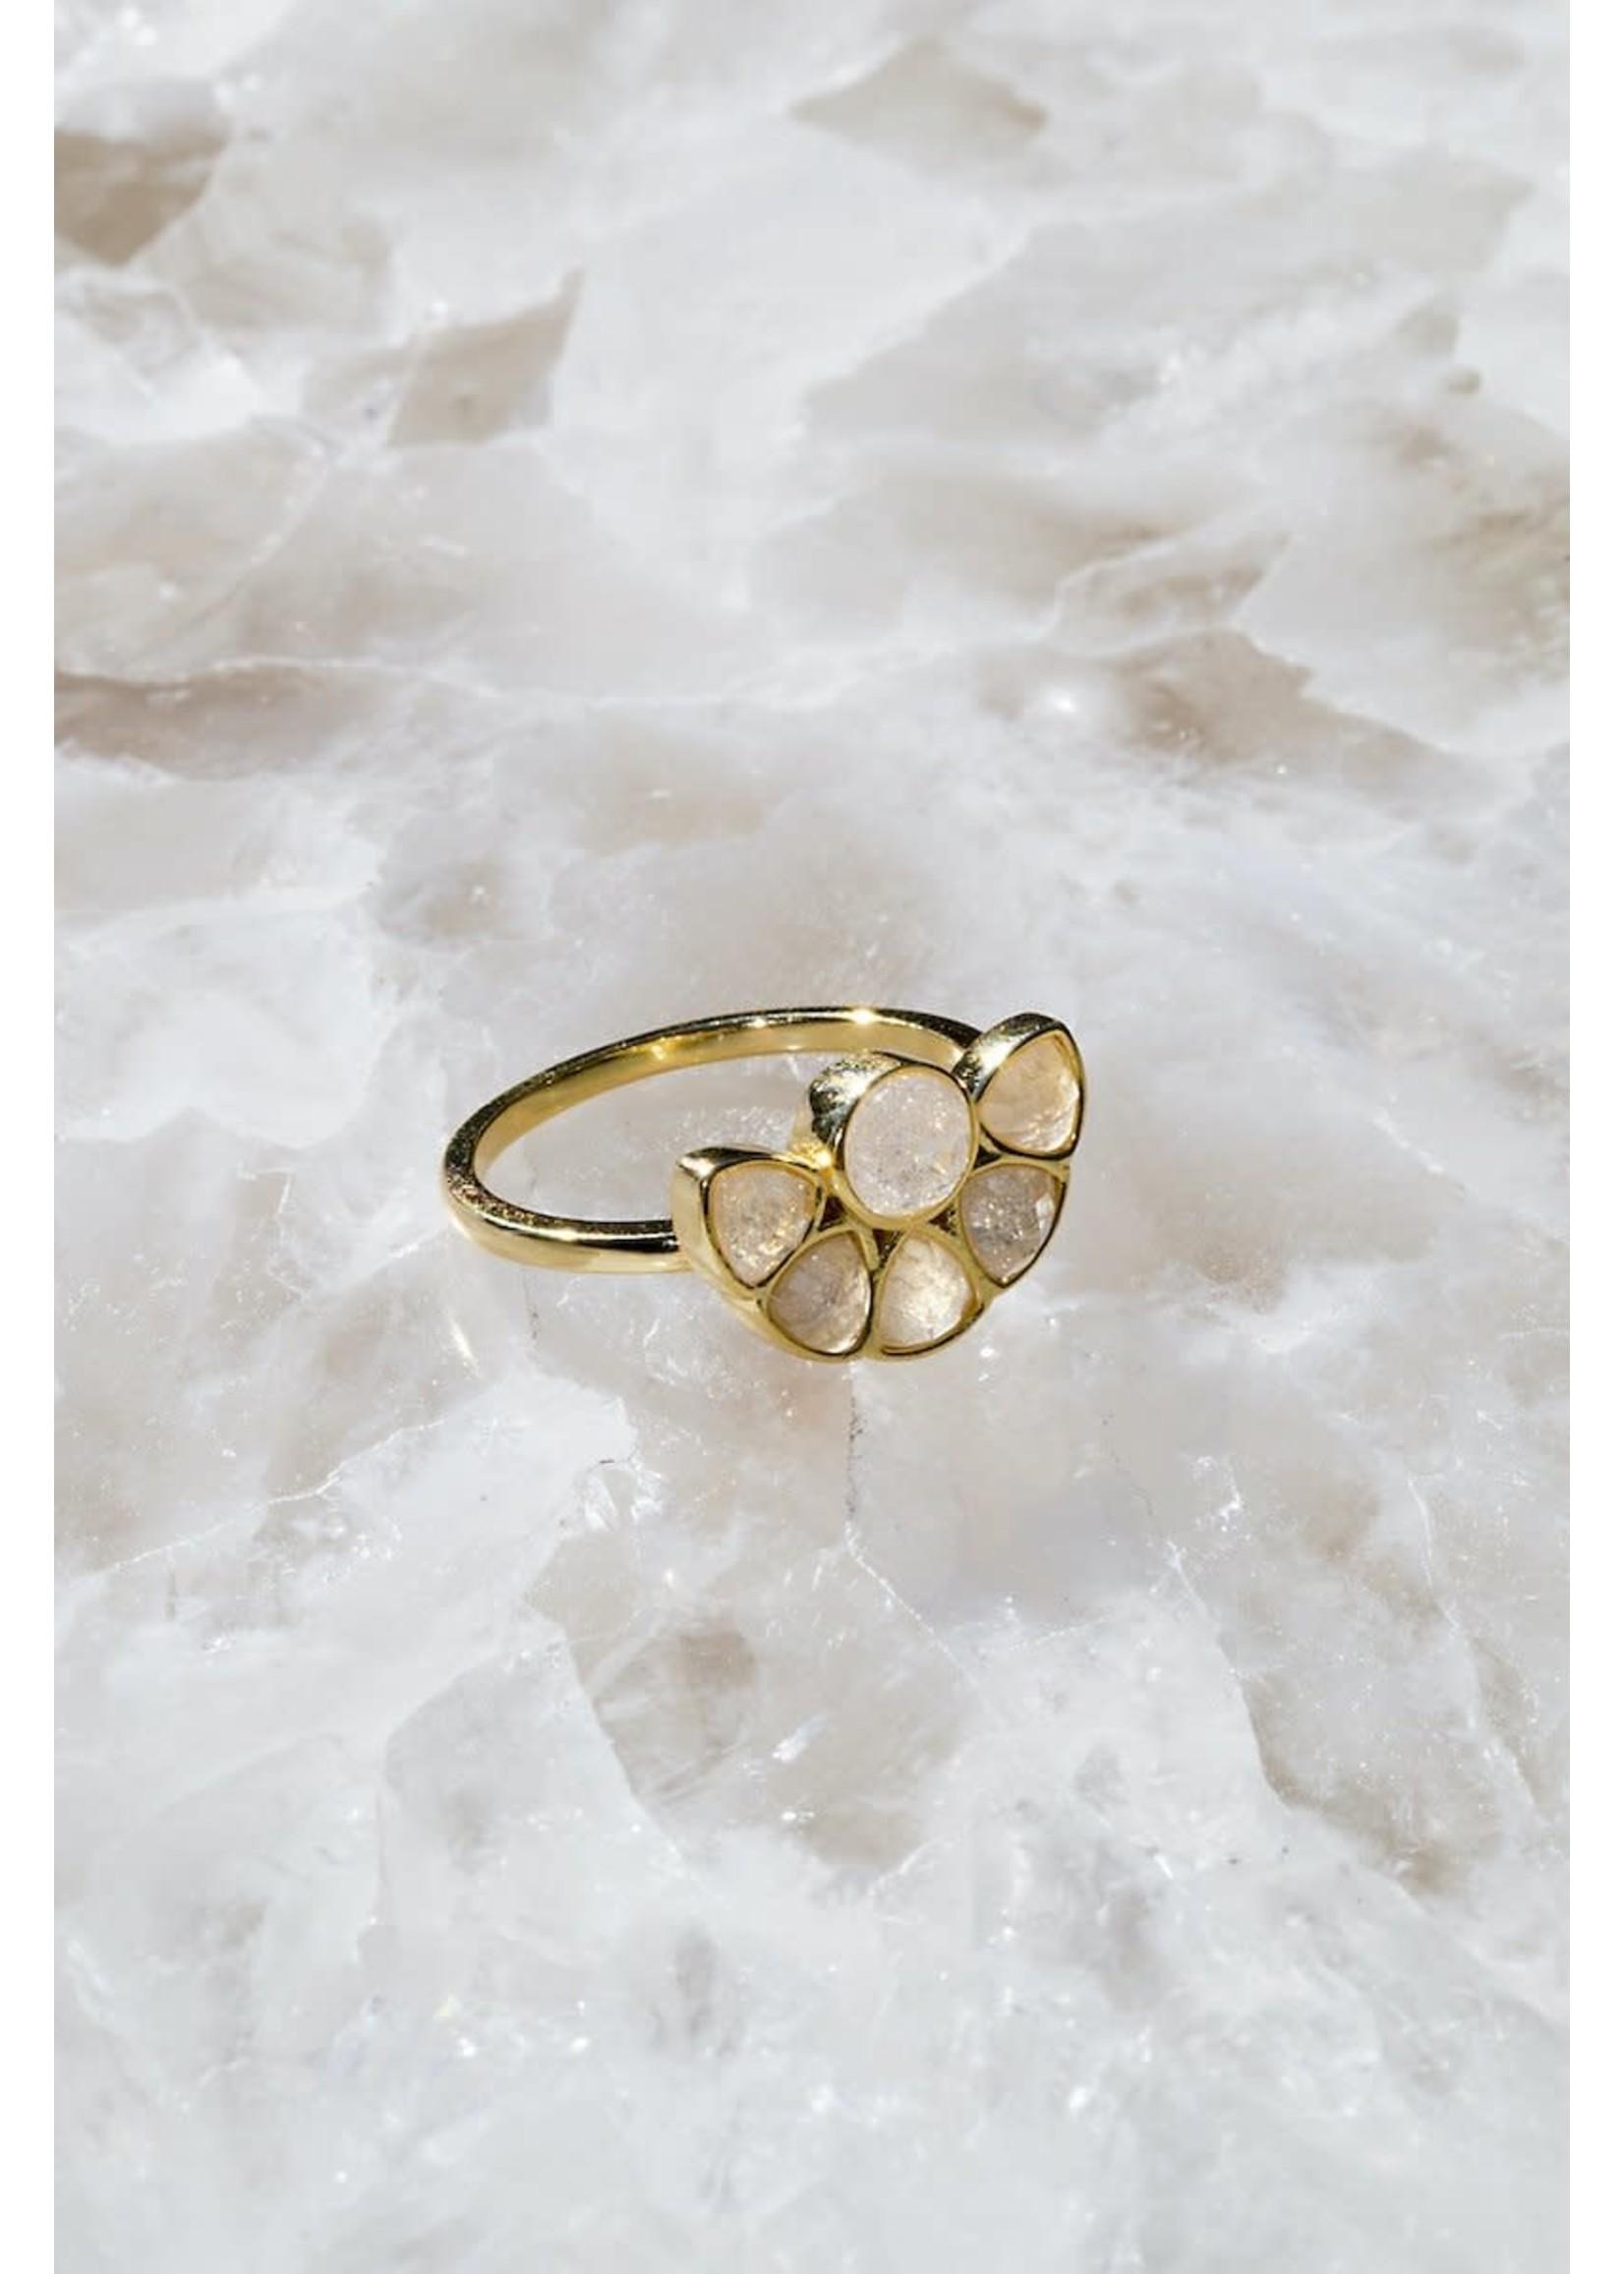 Native Gem Casablanca Ring